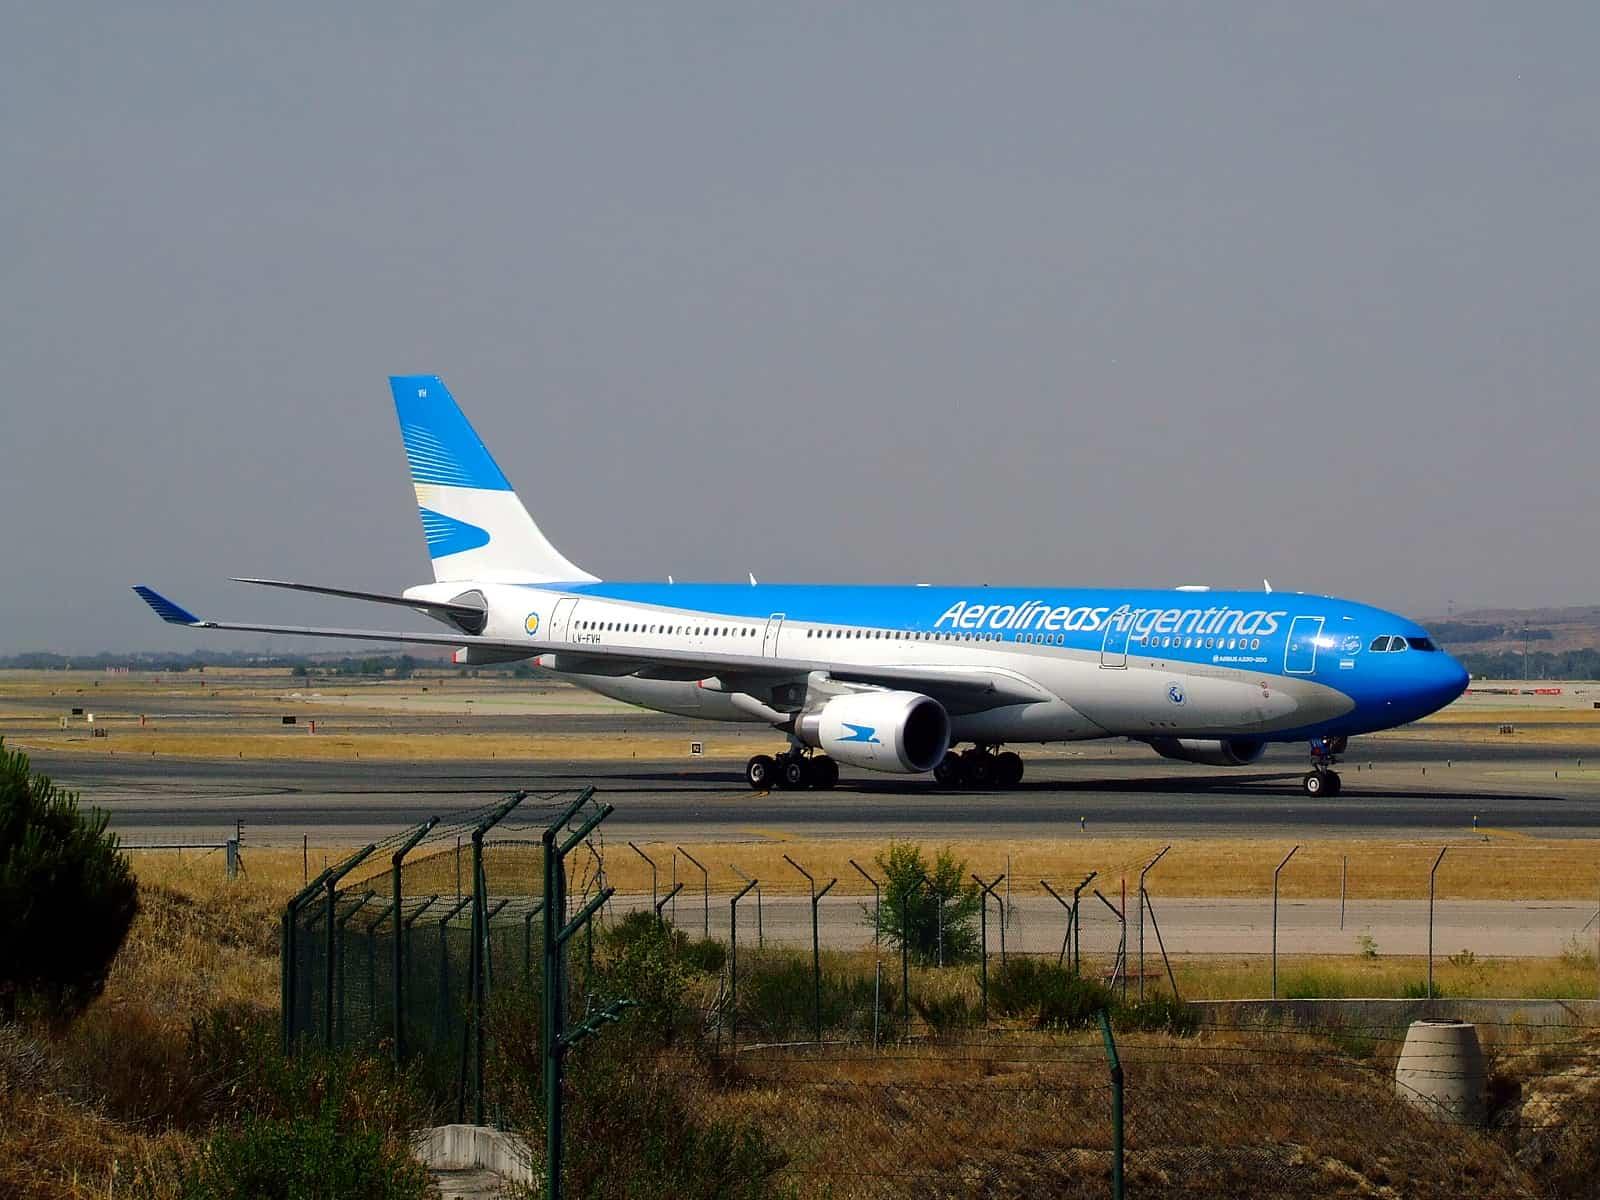 Aerolíneas Argentinas anuncia sanciones a pasajeros que intenten evitar controles sanitarios de COVID-19 o manipulen información requerida 1